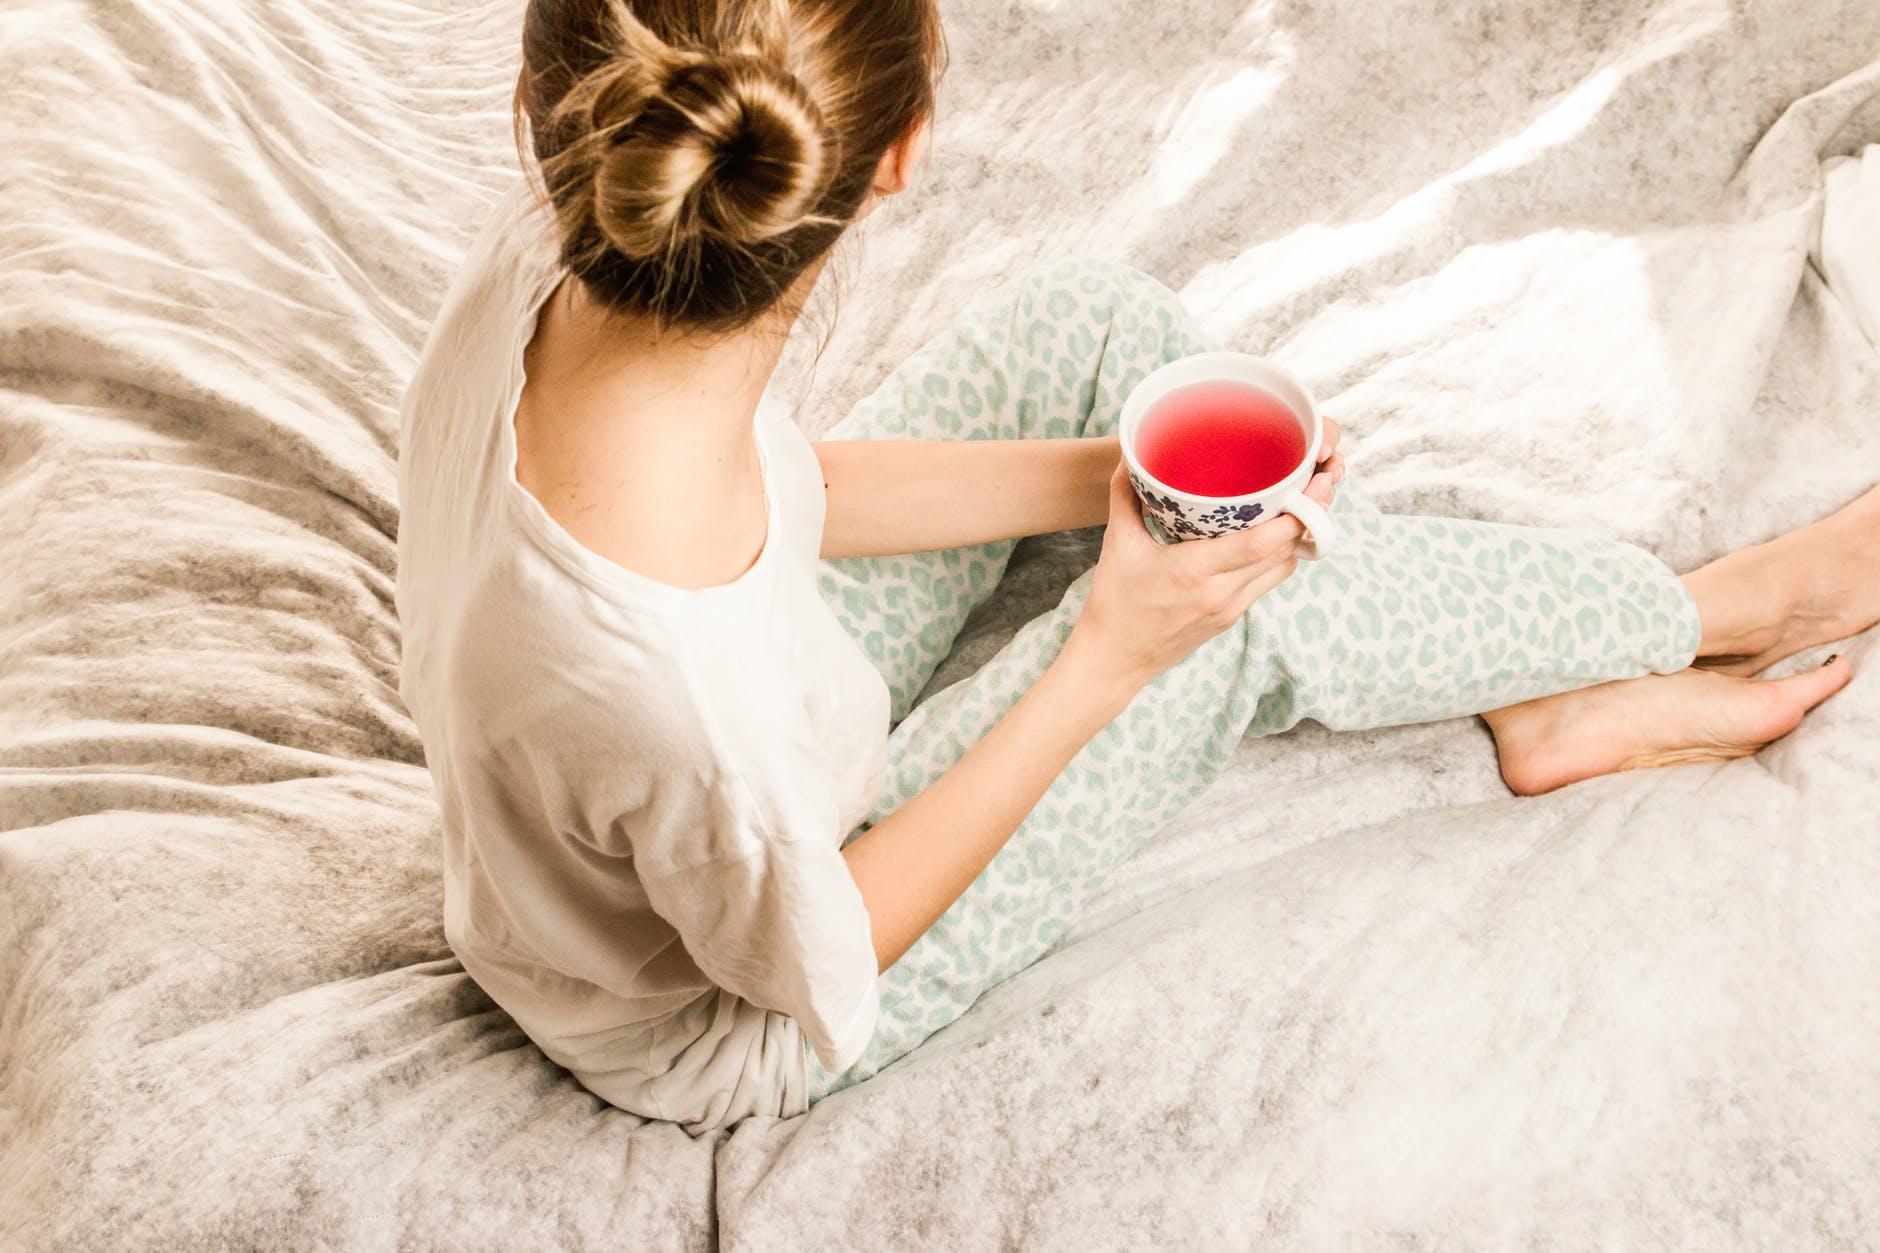 Thói quen ăn uống-Cô gái đang cầm tách trà.